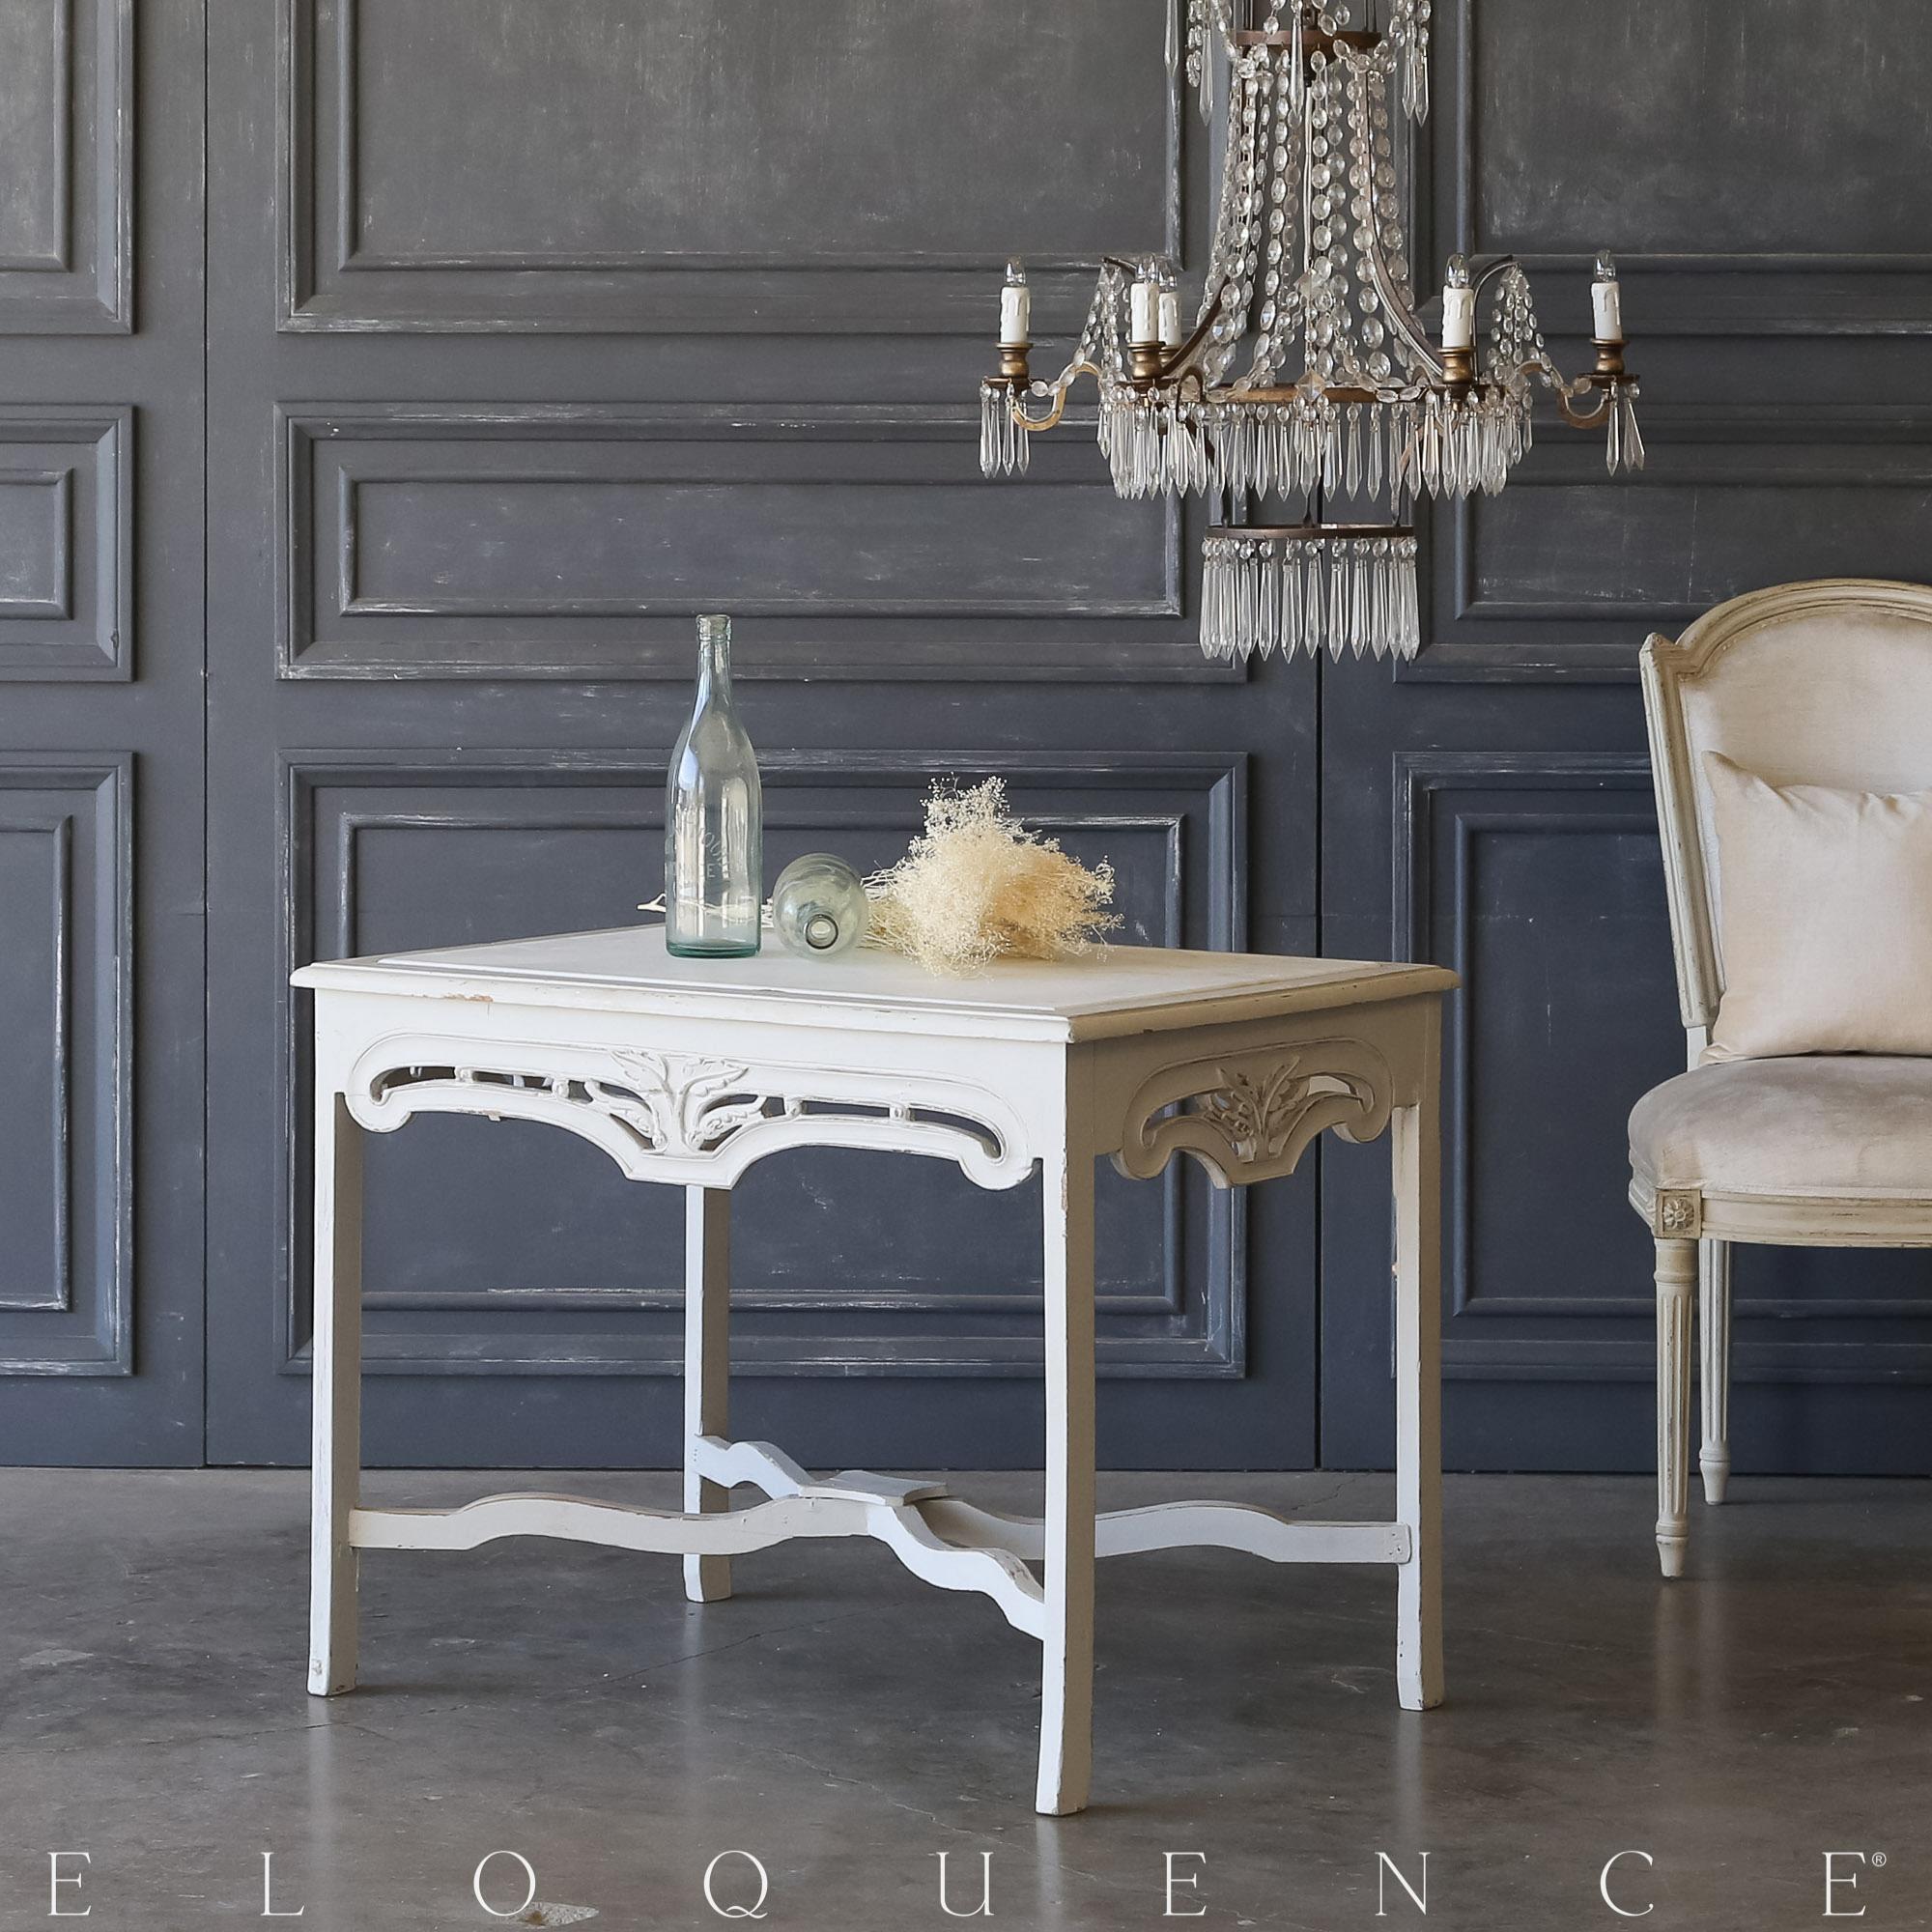 Eloquence® Vintage Nouveau End Table: 1940